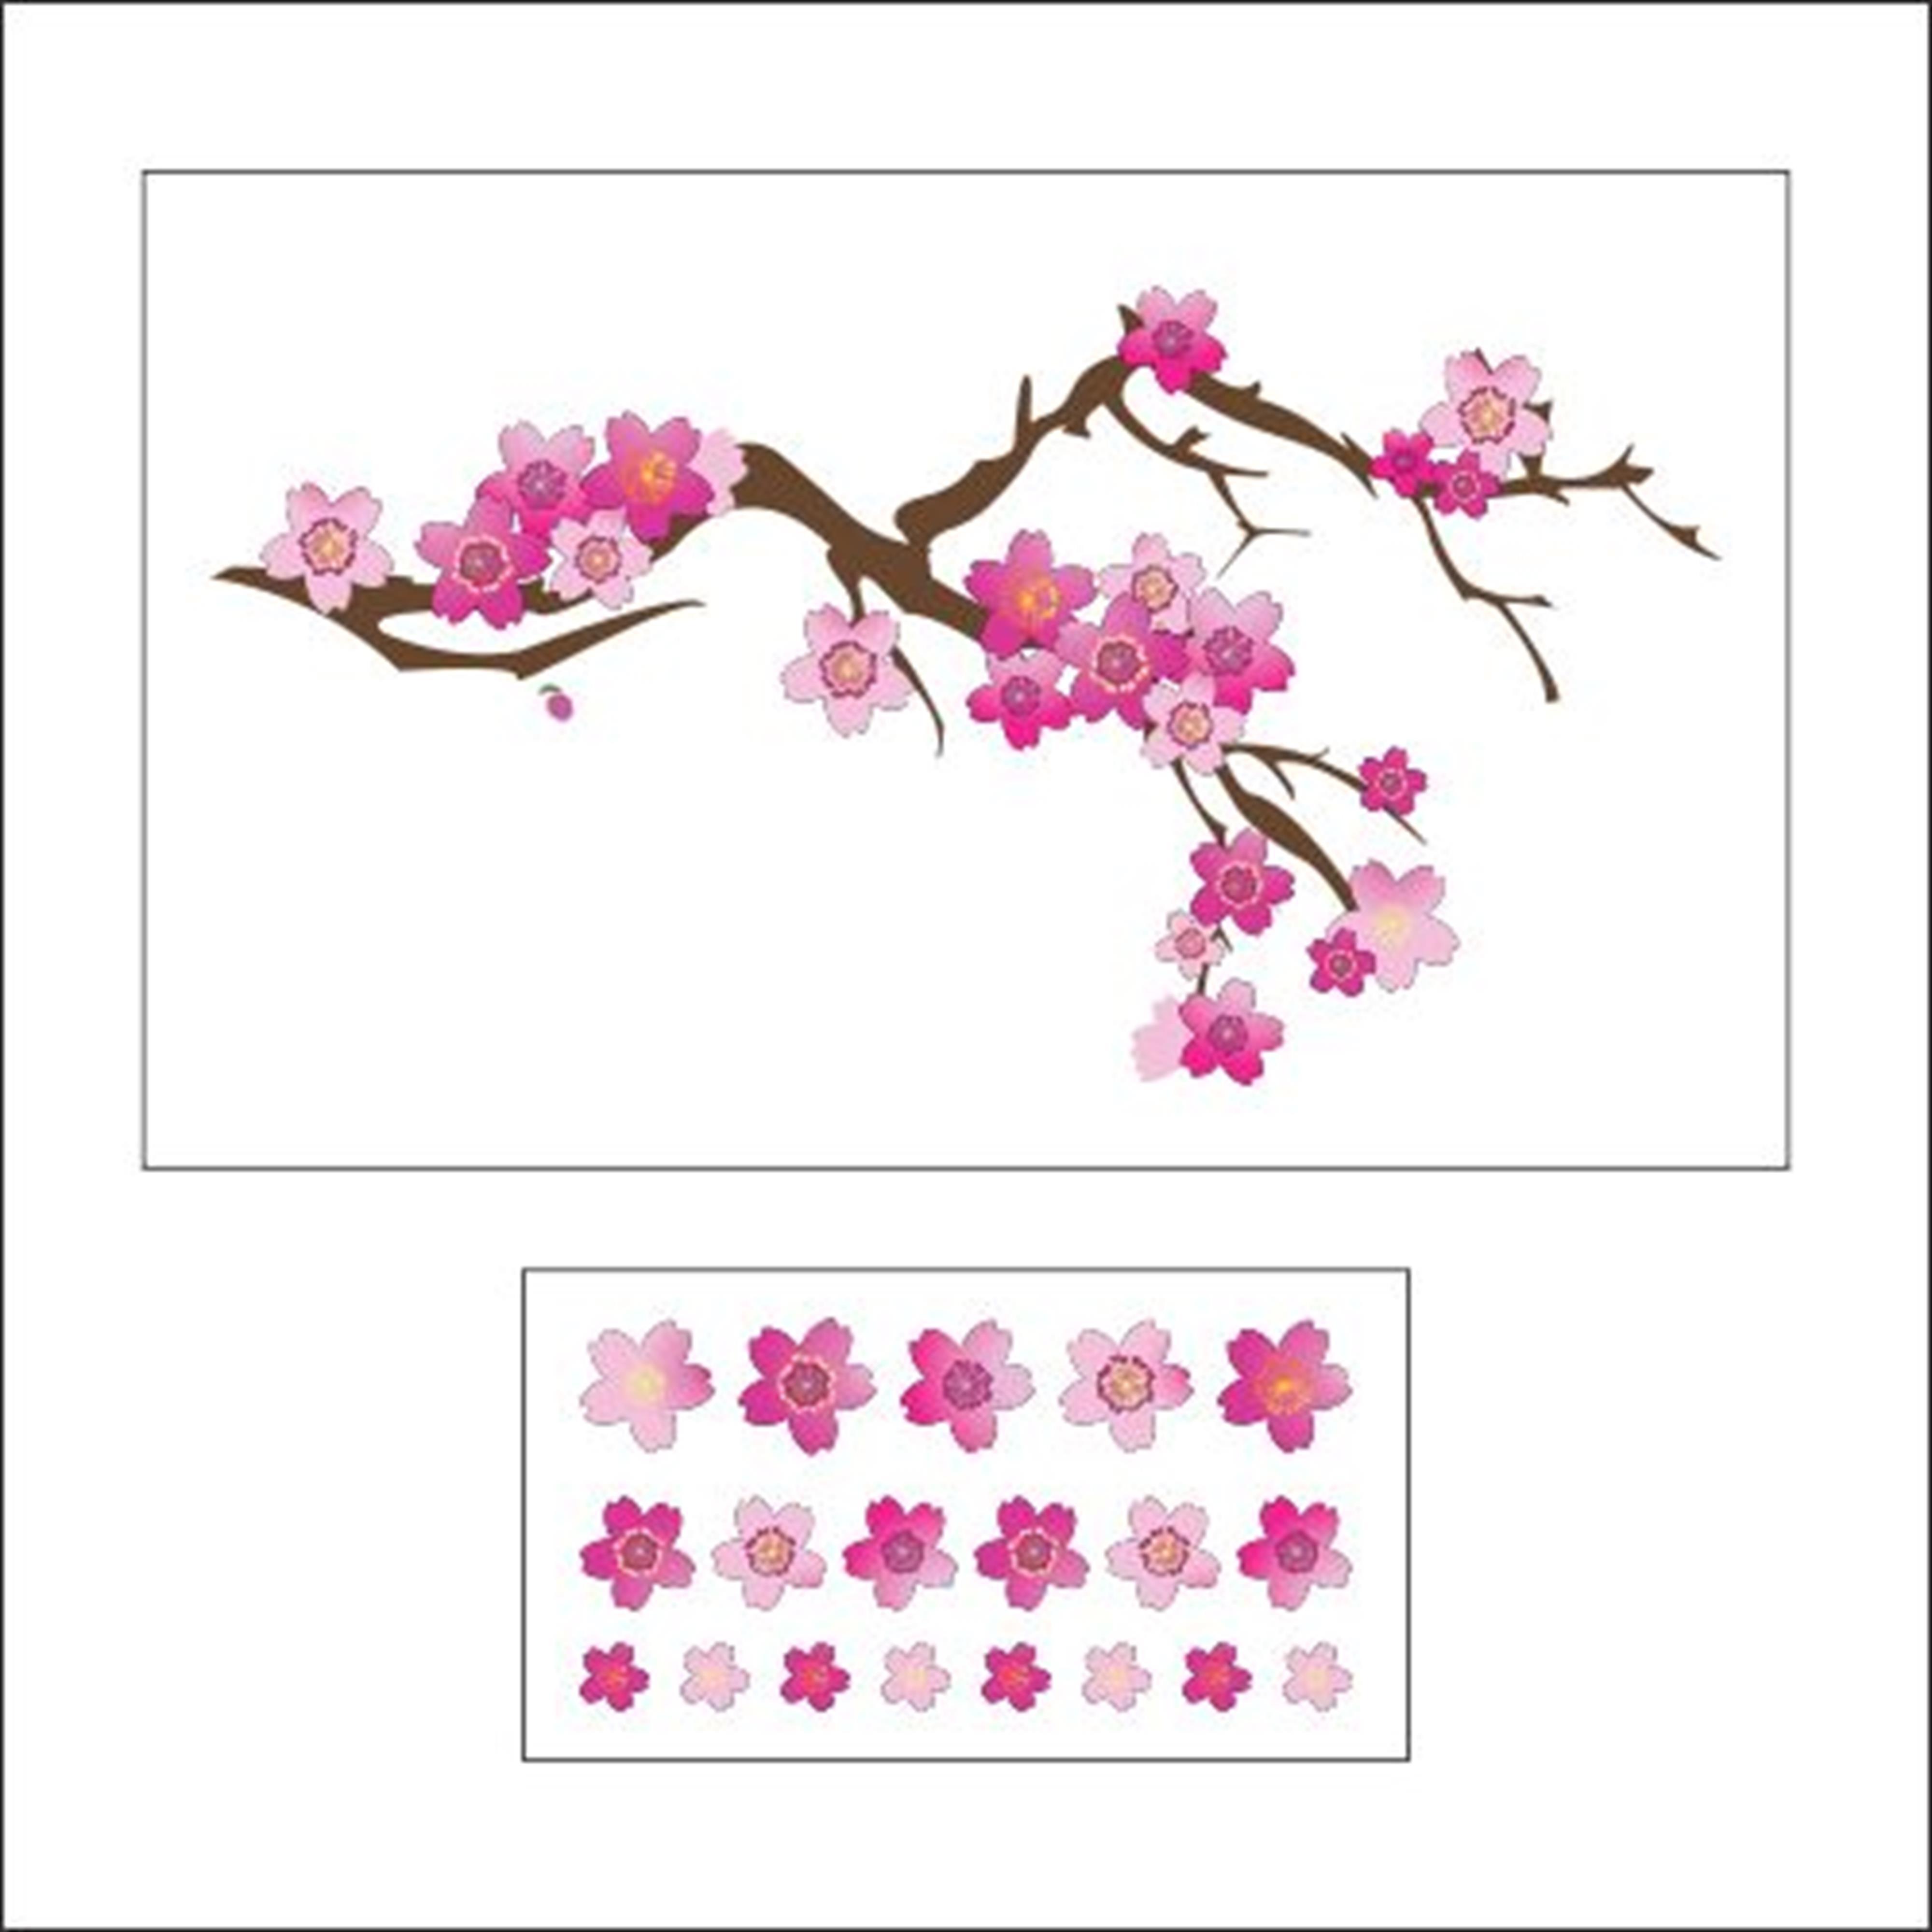 Adesivo De Flor Cerejeira ~ Adesivo Parede Flores de Cerejeira ARTM decoraç u00e3o criativa Elo7